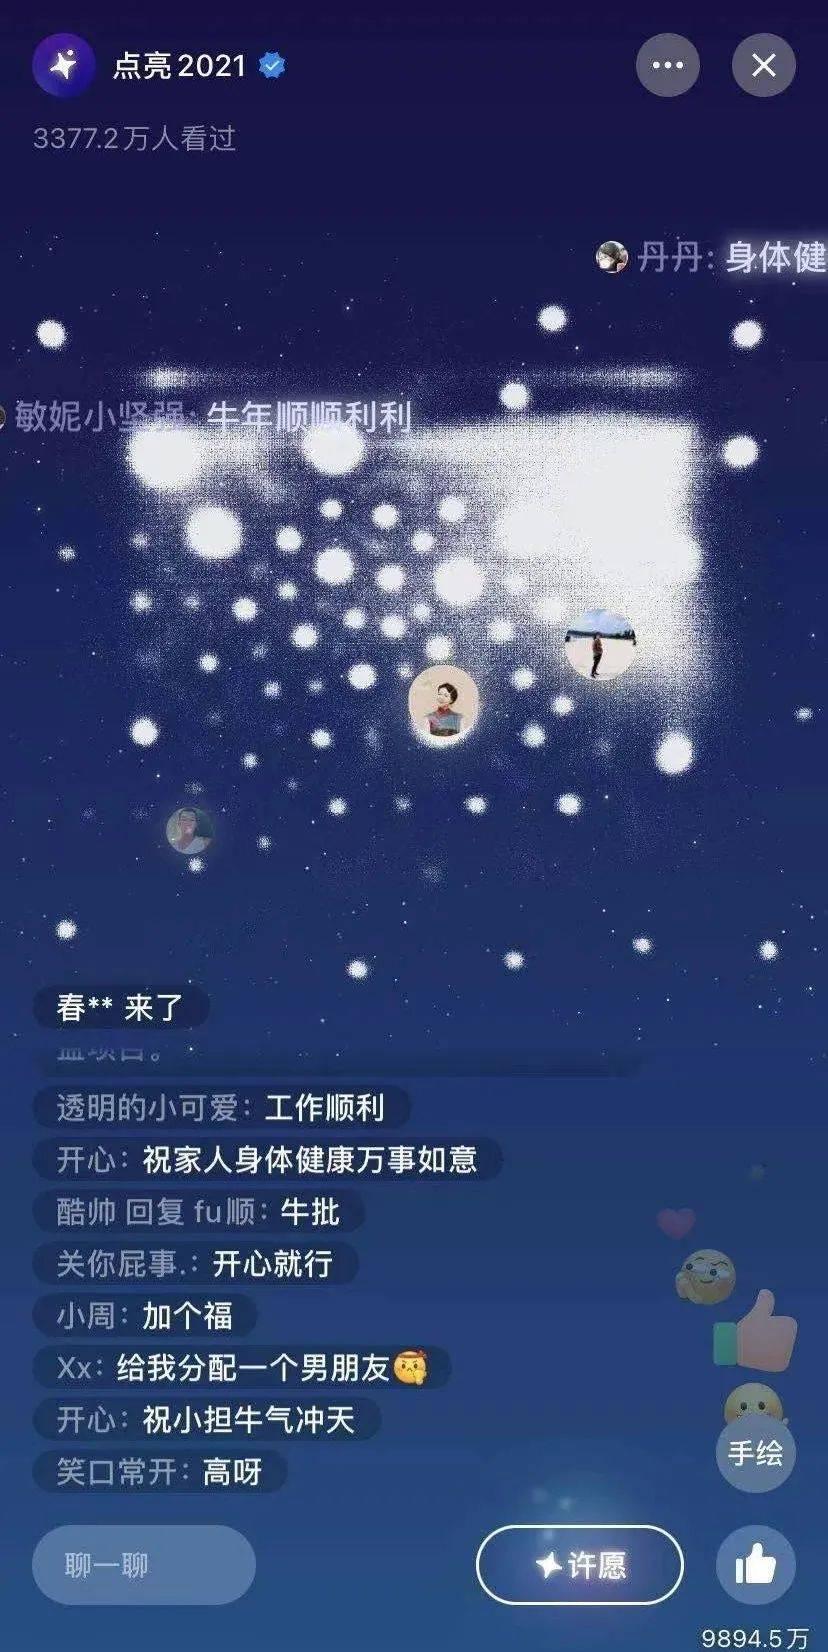 抖音、快手、视频号的春节战事